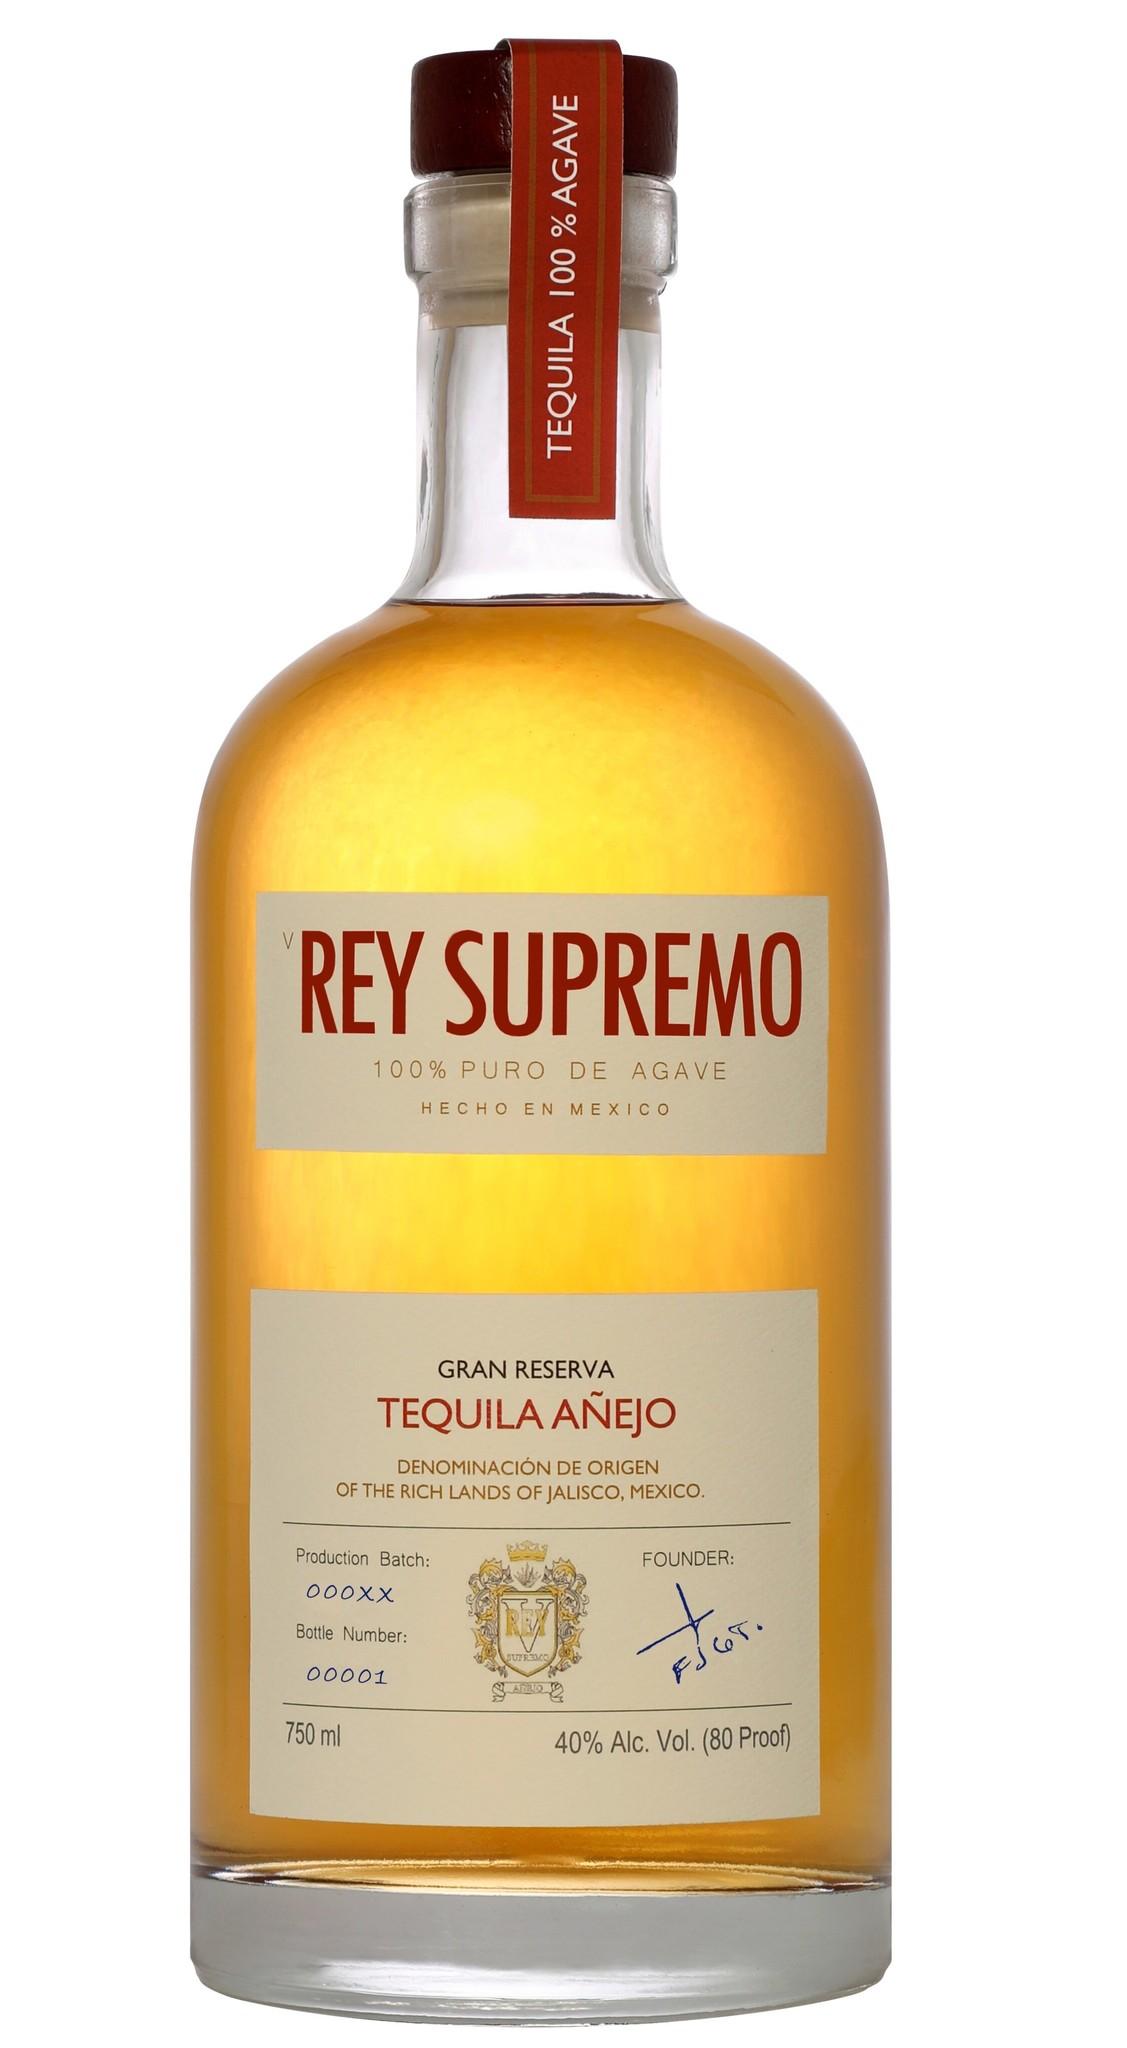 Rey Supremo Tequila Anejo